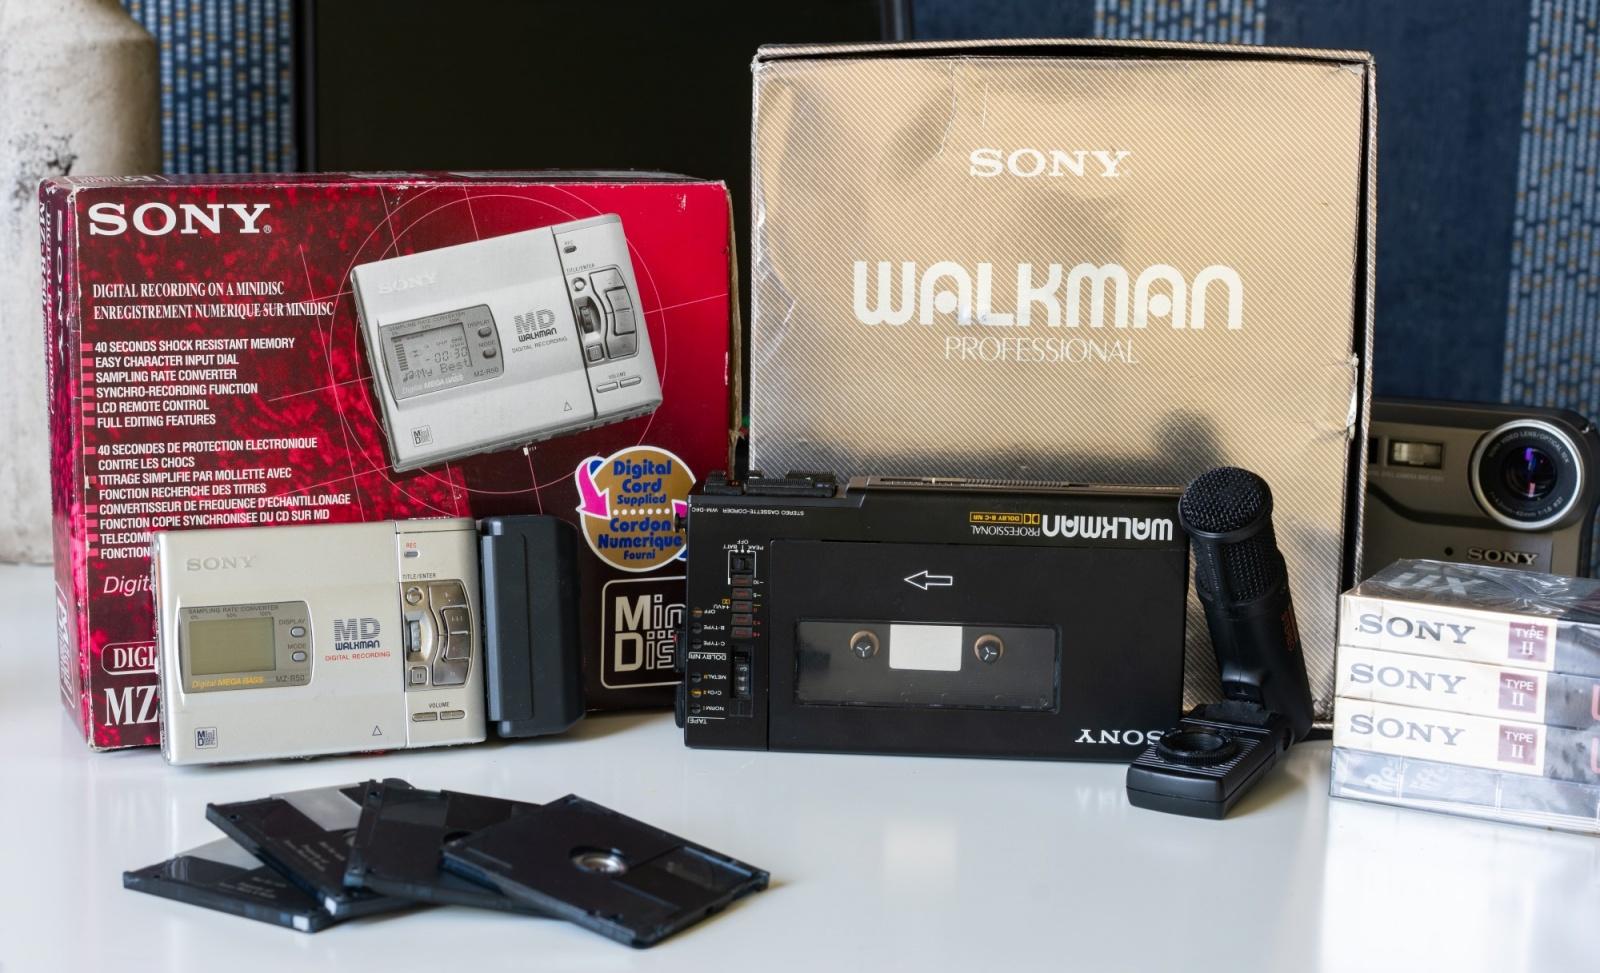 Древности: удаленная работа на устройствах 1998 года - 24